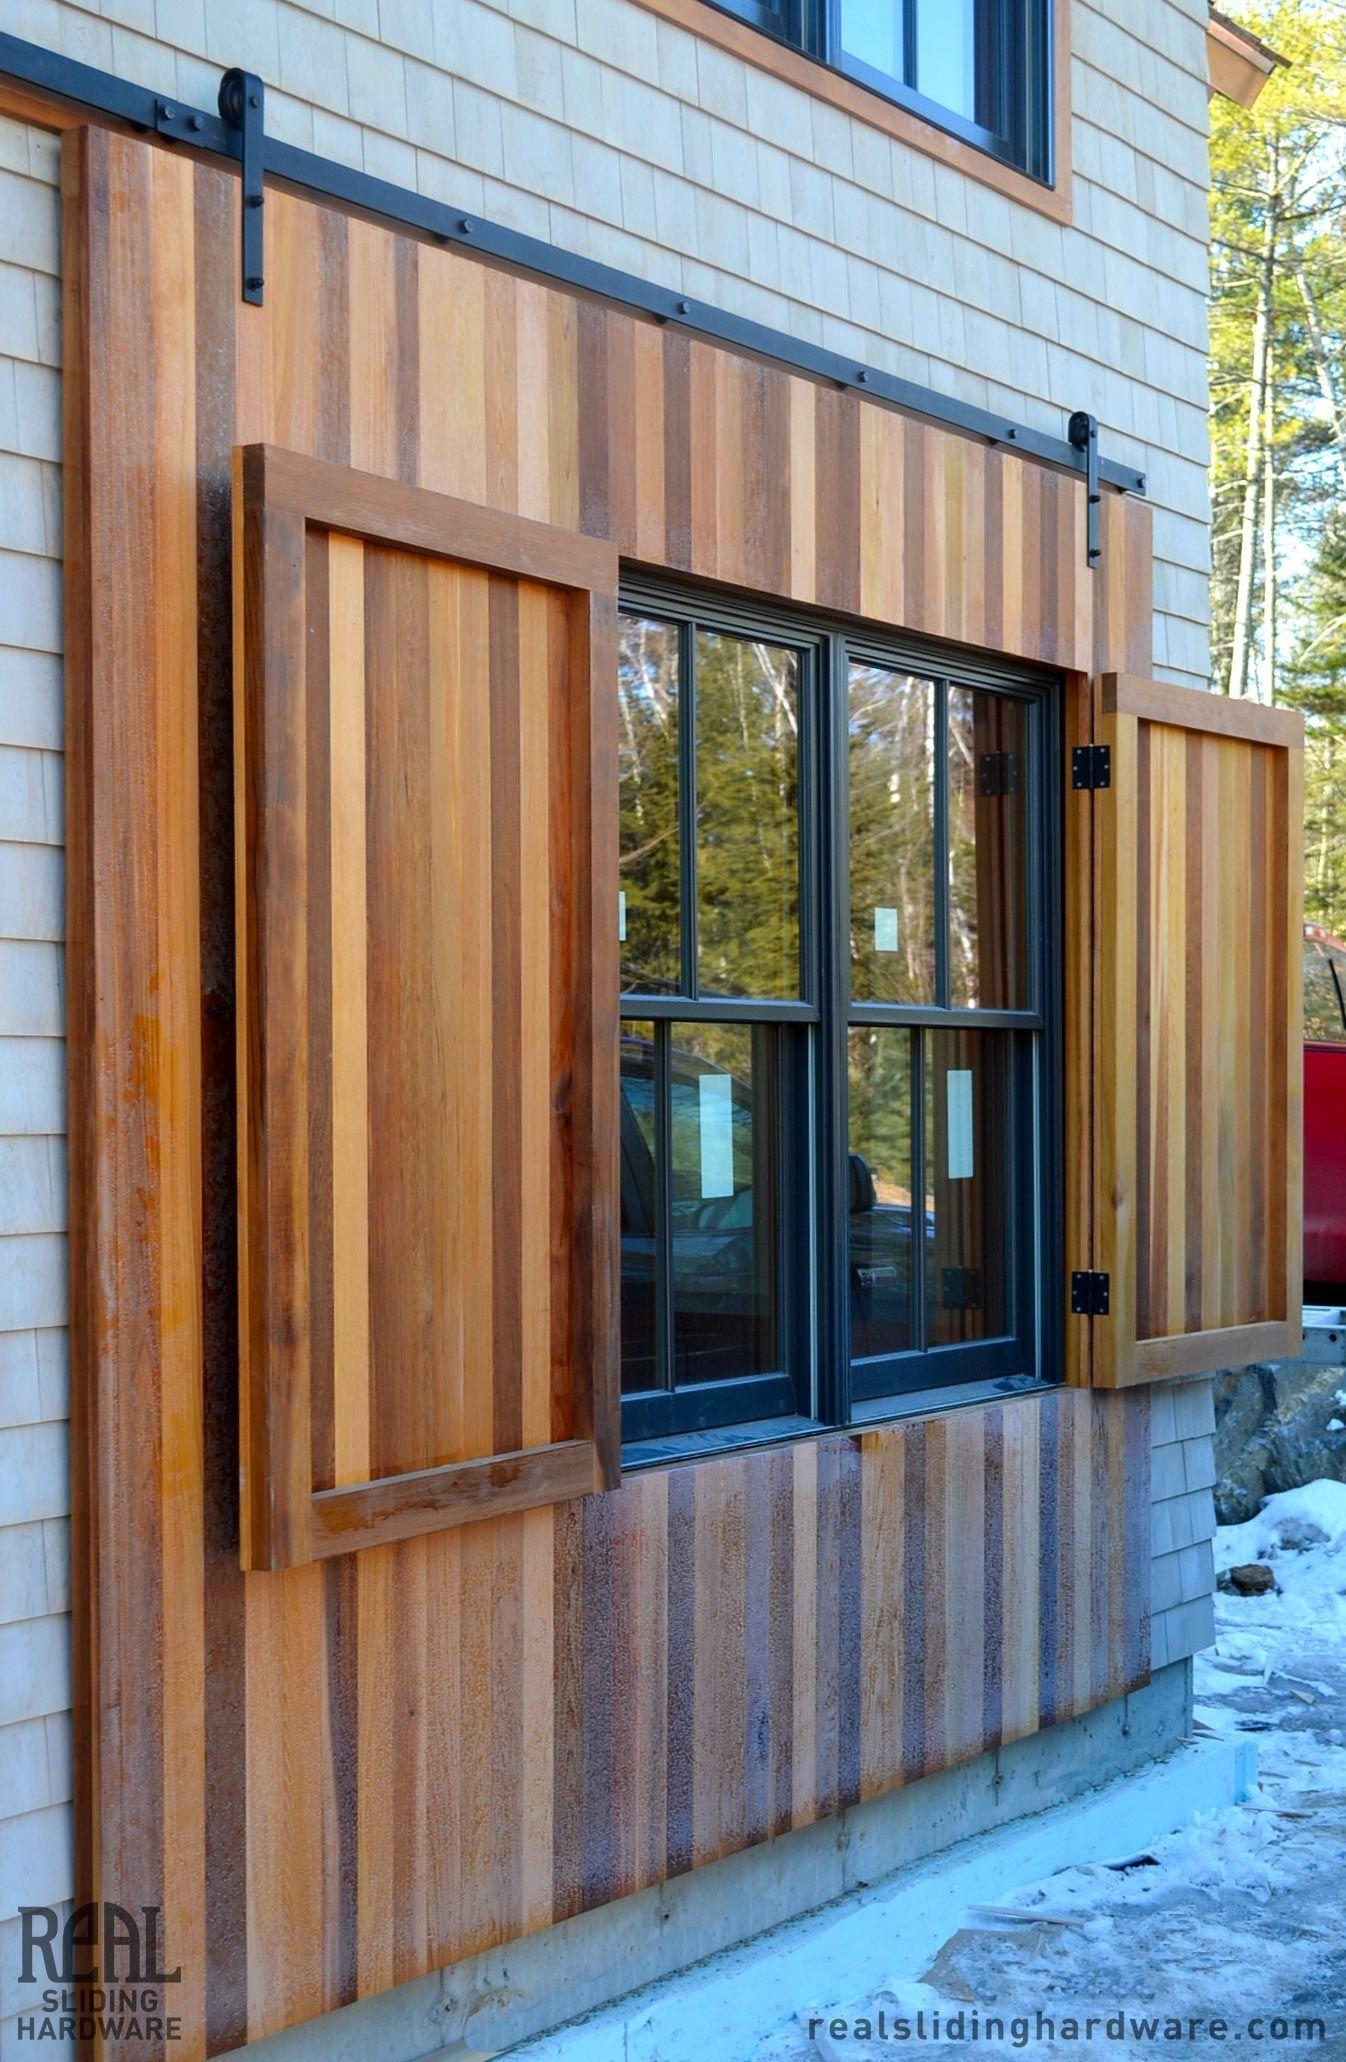 Exterior Barn Door With Windows Barn Door Shutters Shutters Exterior Sliding Shutters